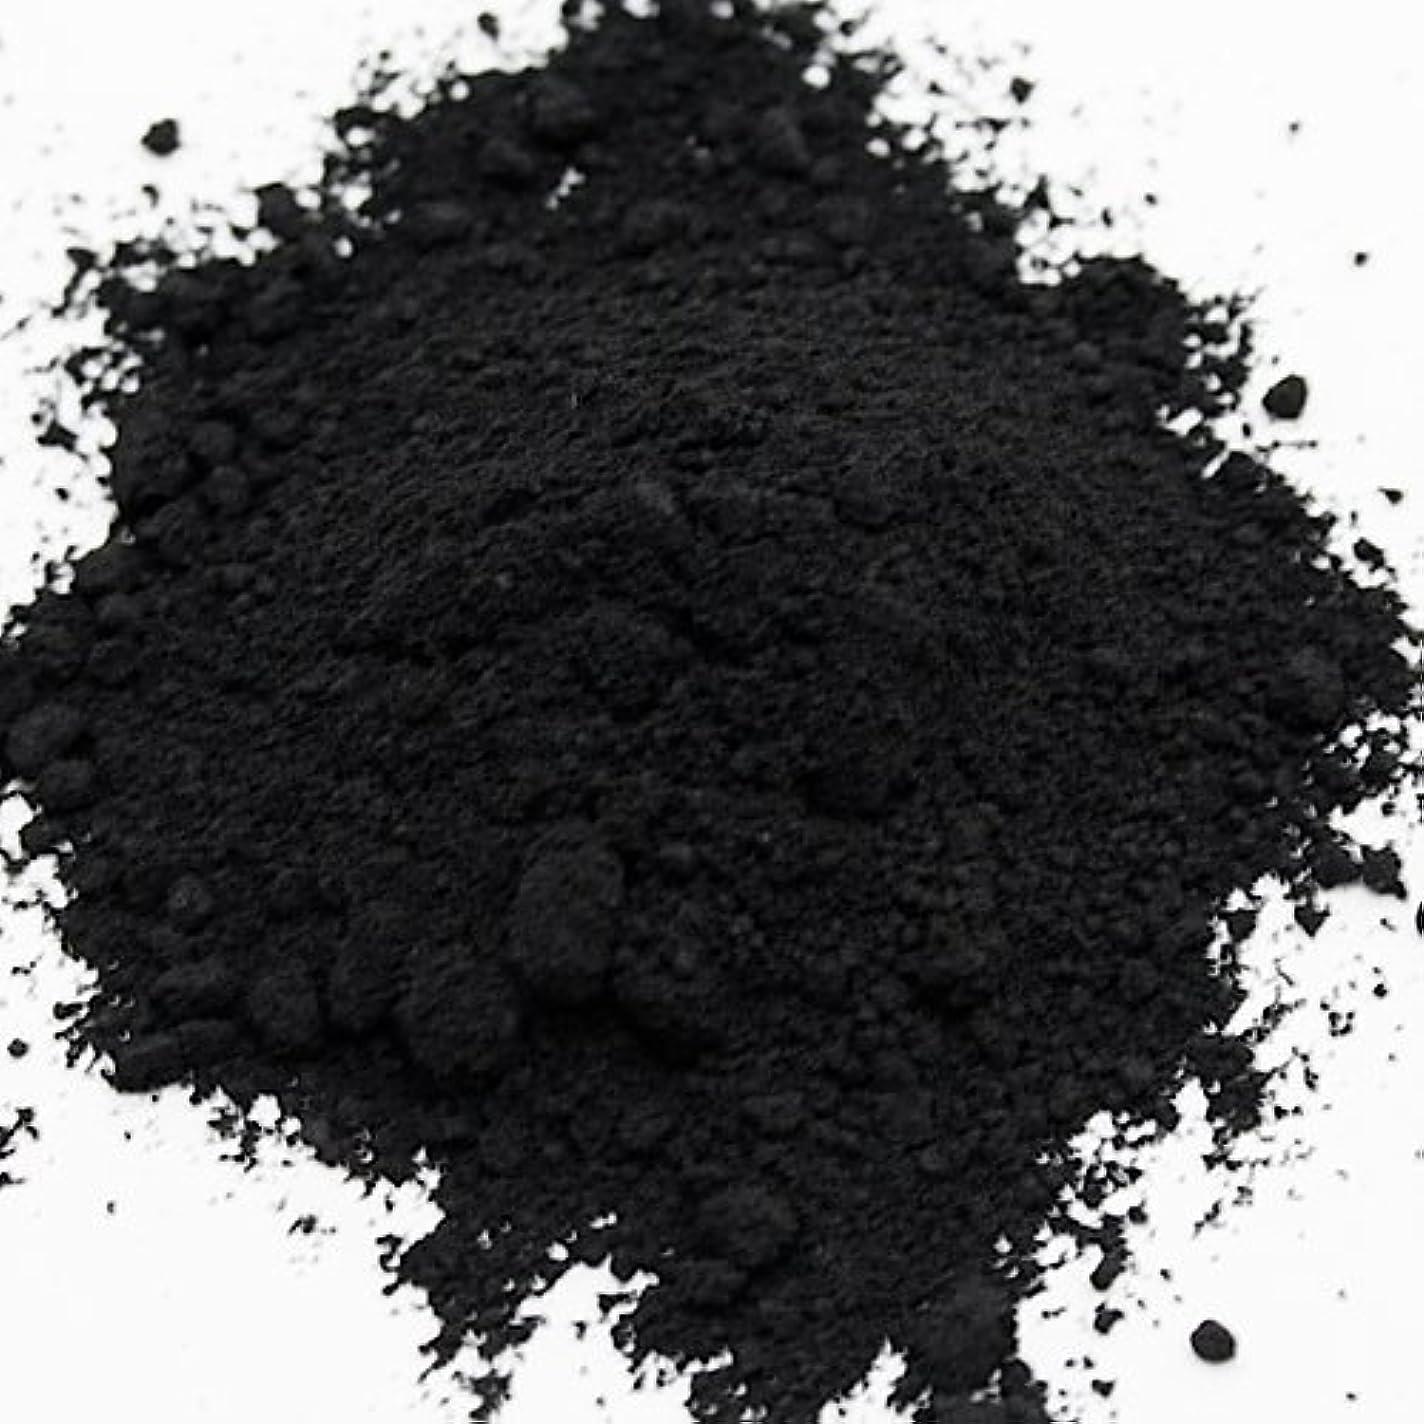 謝る致死アプライアンス酸化鉄 ブラック 20g 【手作り石鹸/手作りコスメ/色付け/カラーラント/黒】